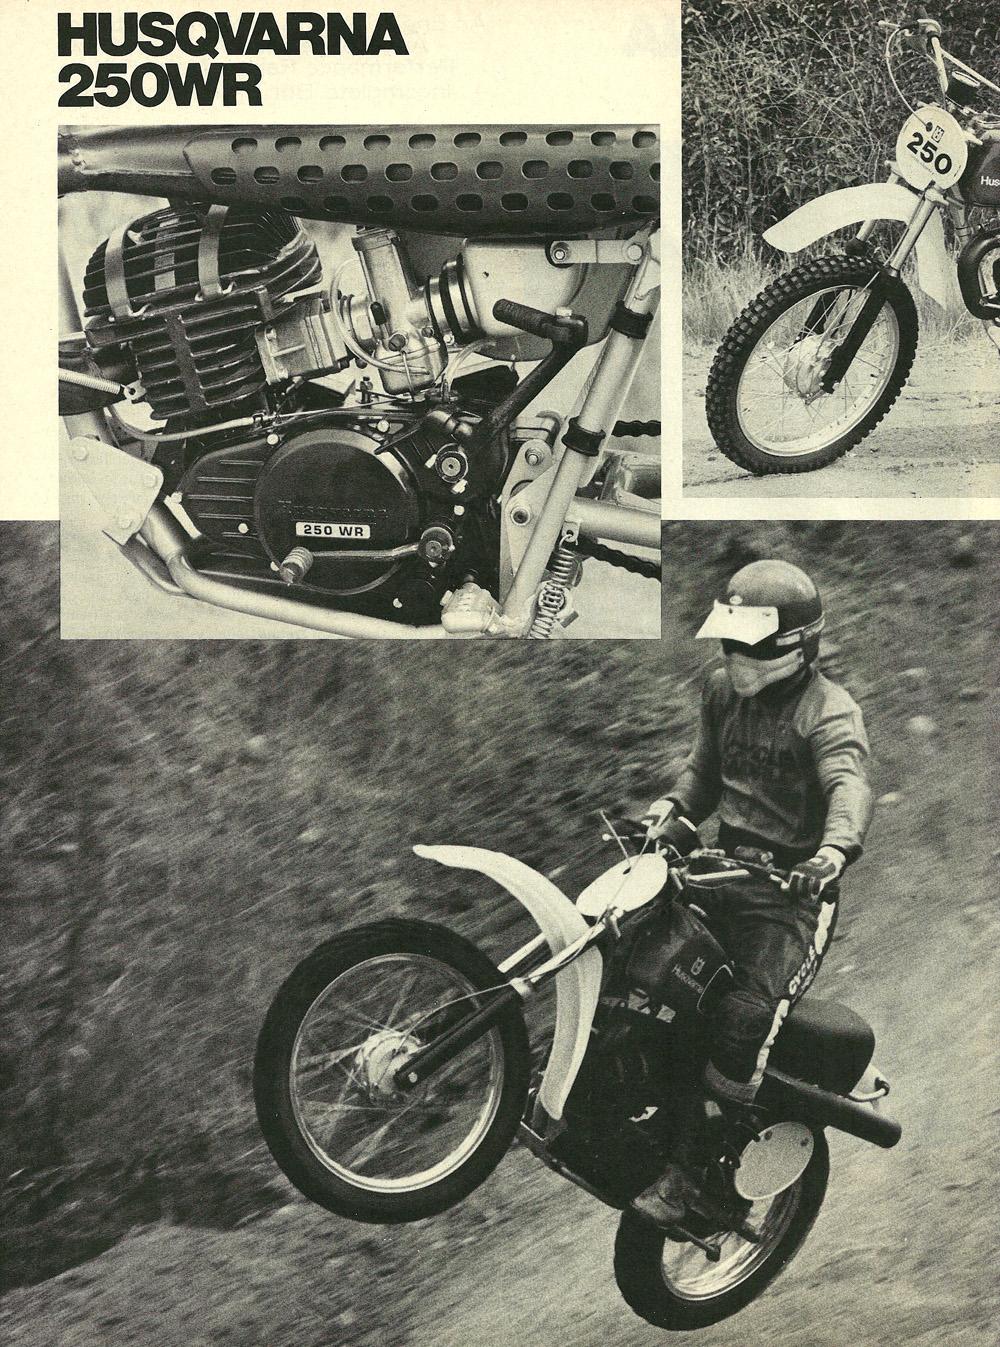 1976 Husqvarna 250WR road test 02.jpg